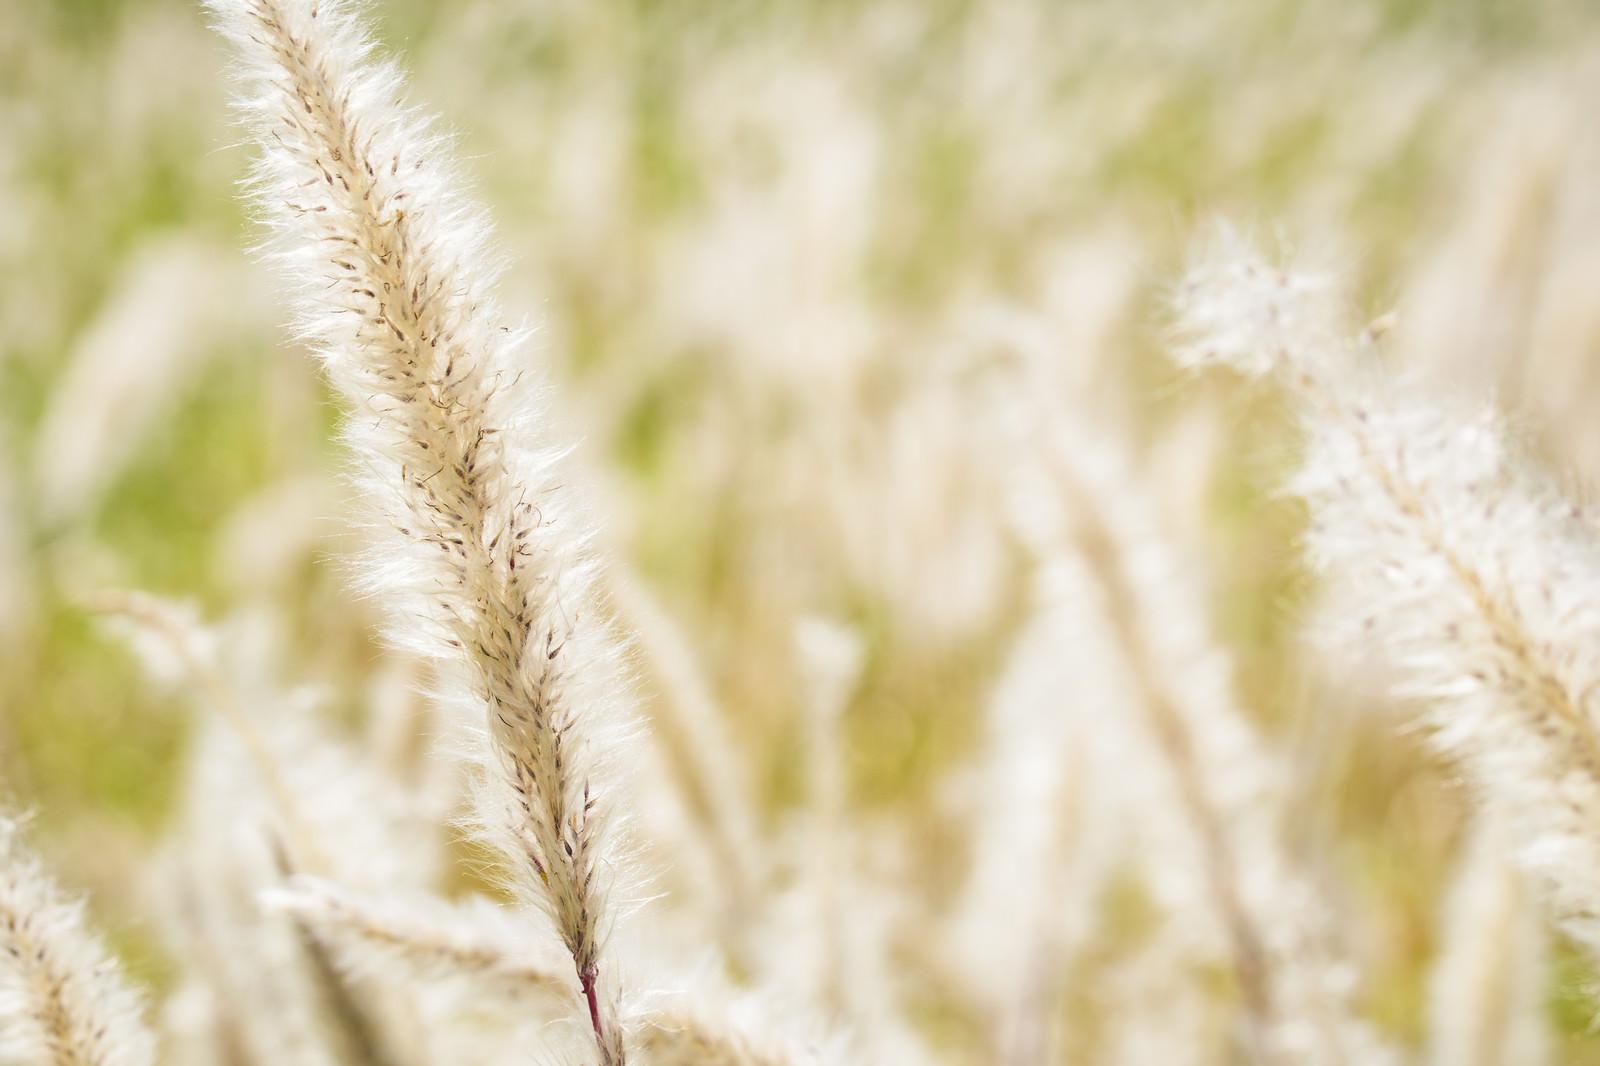 「陽光に輝くチガヤ」の写真